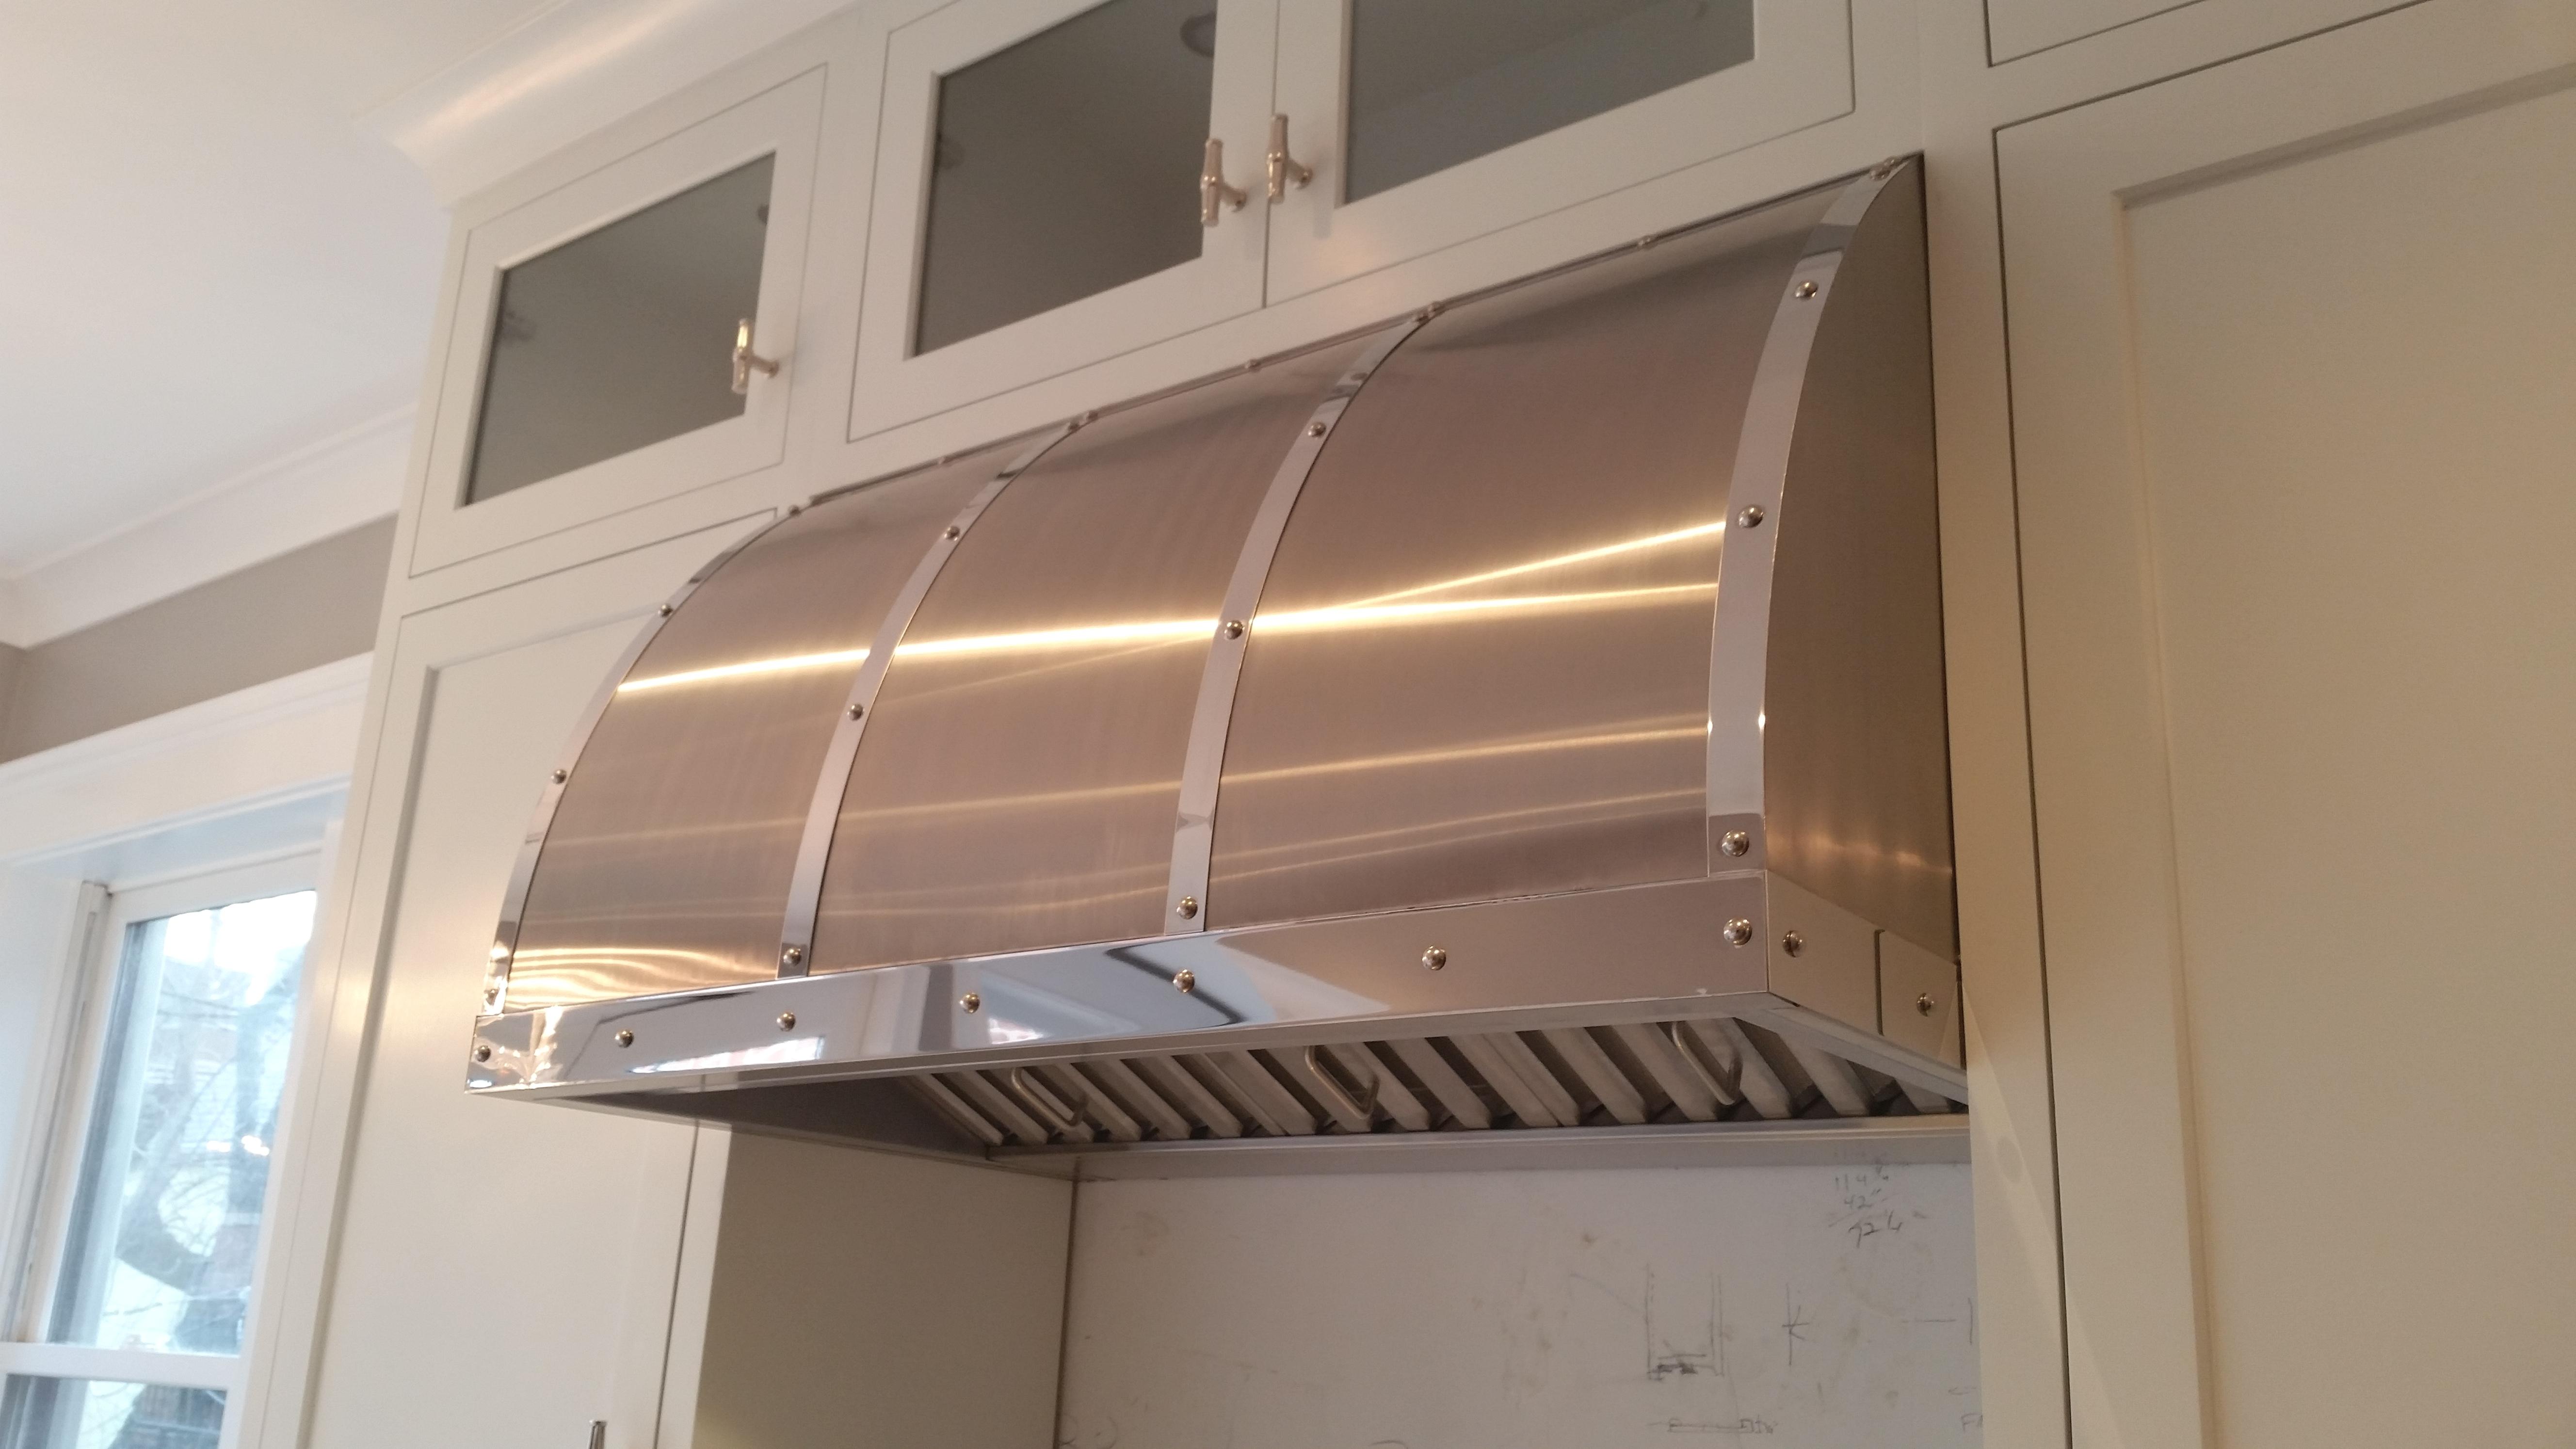 Stainless Steel Range Hoods ~ Stainless steel range hoods custom metal home